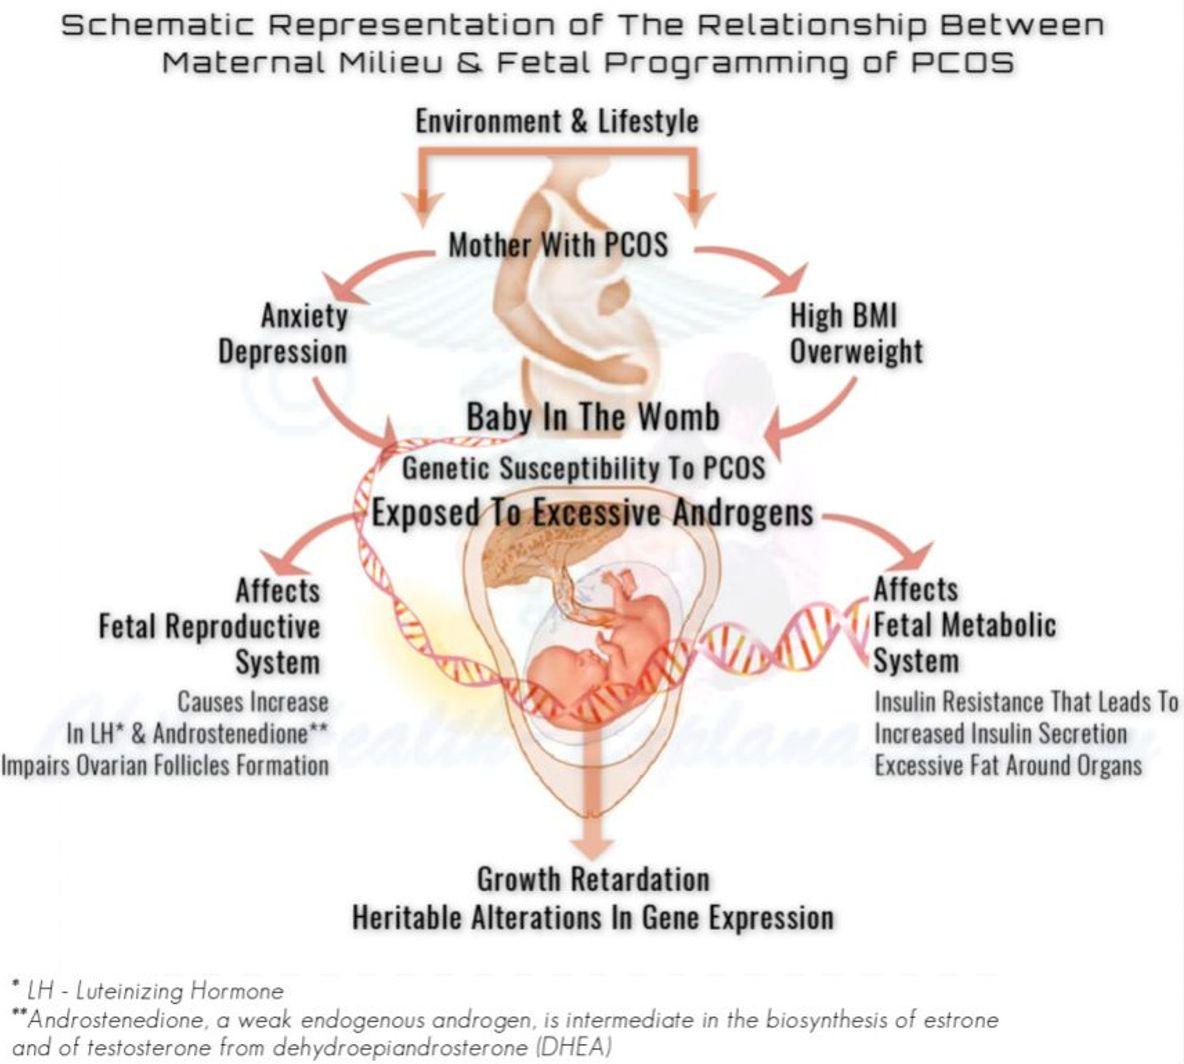 Fetal Programming Of PCOS